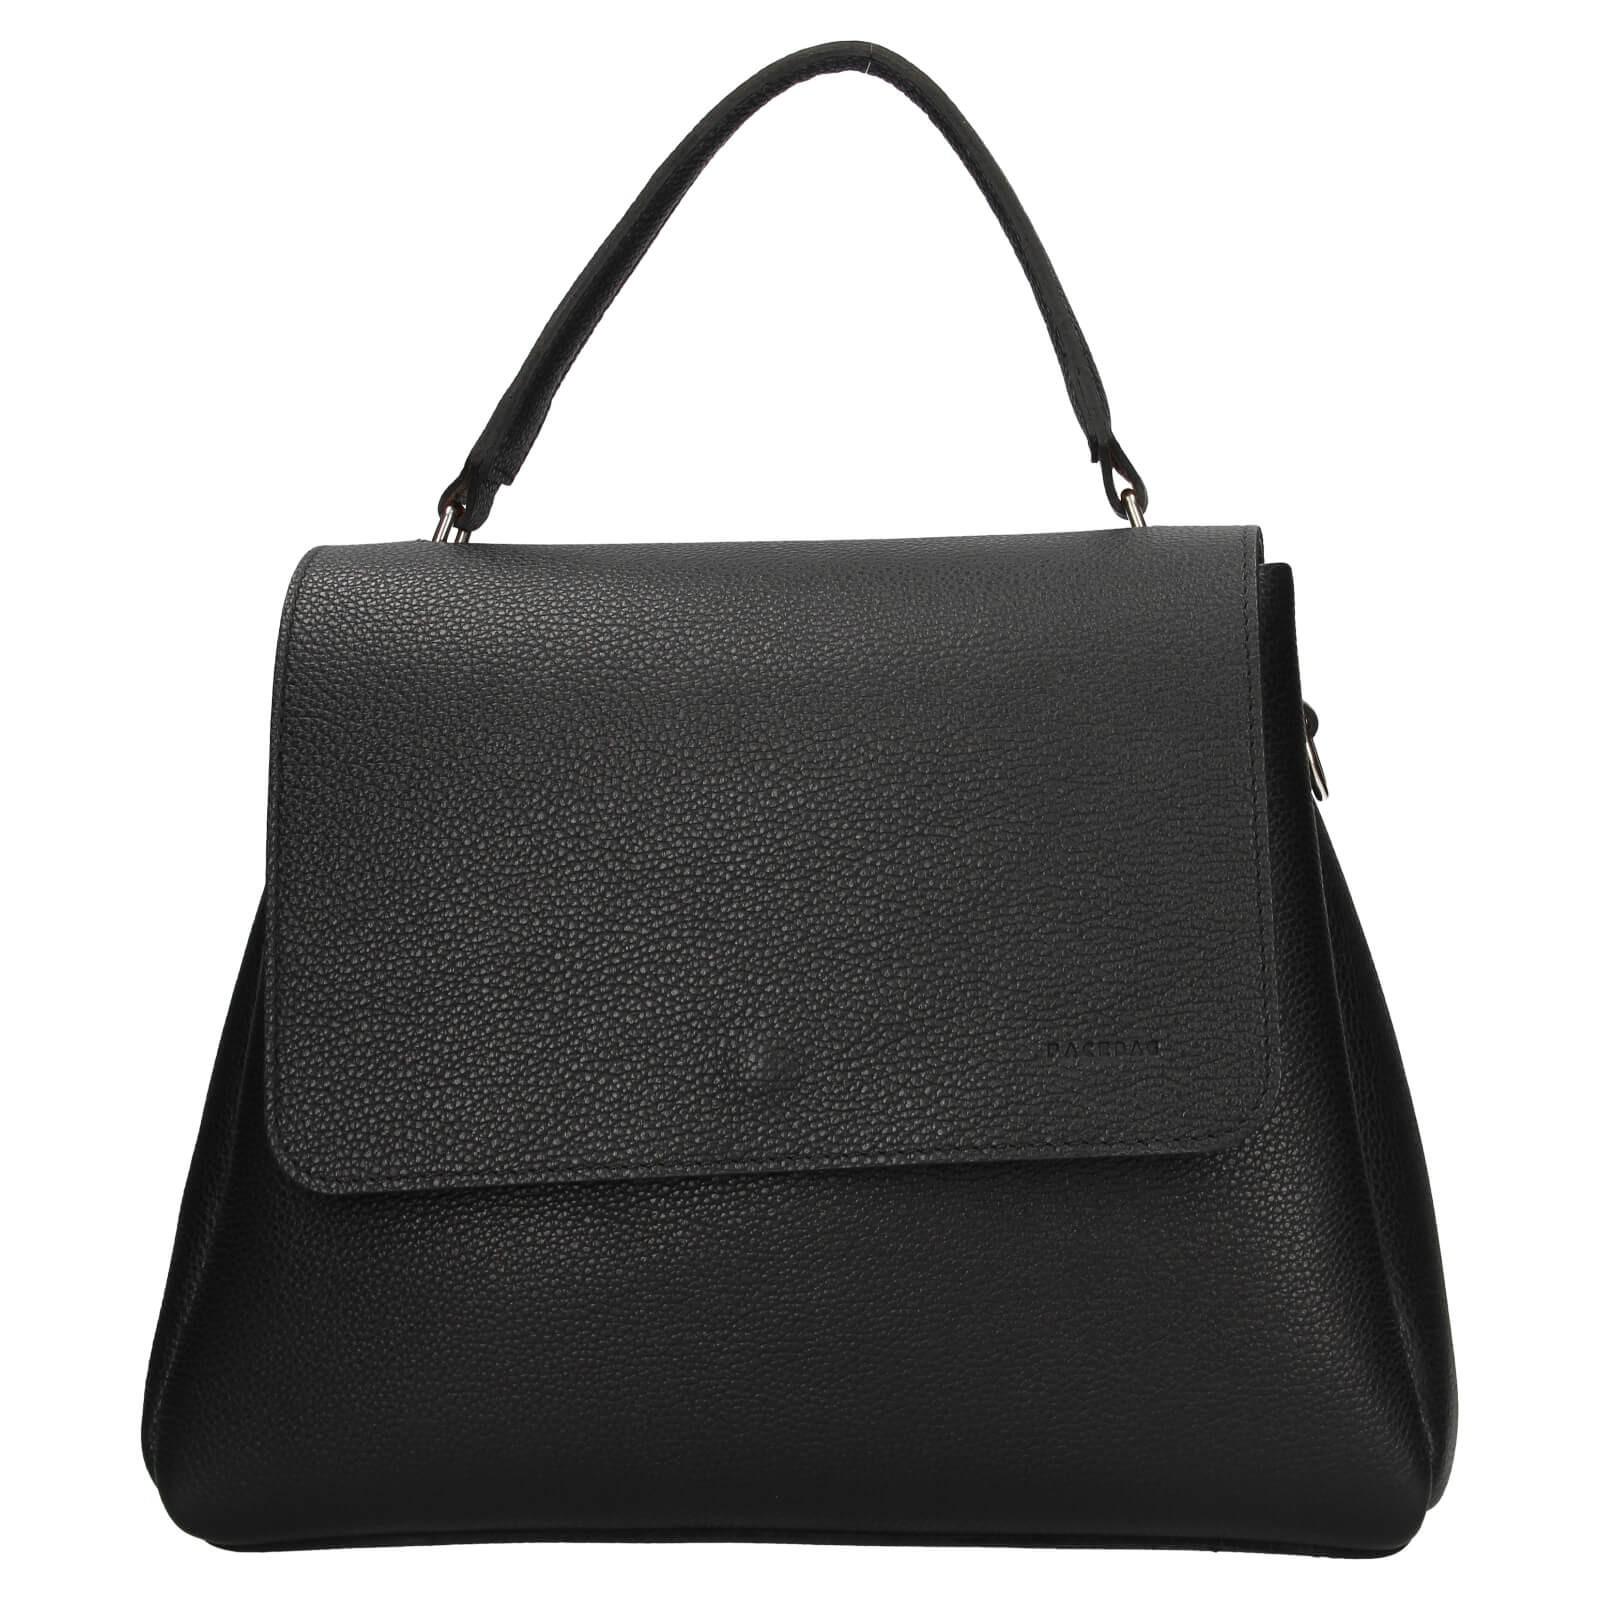 Dámska kožená kabelka Facebag Ditta - čierna